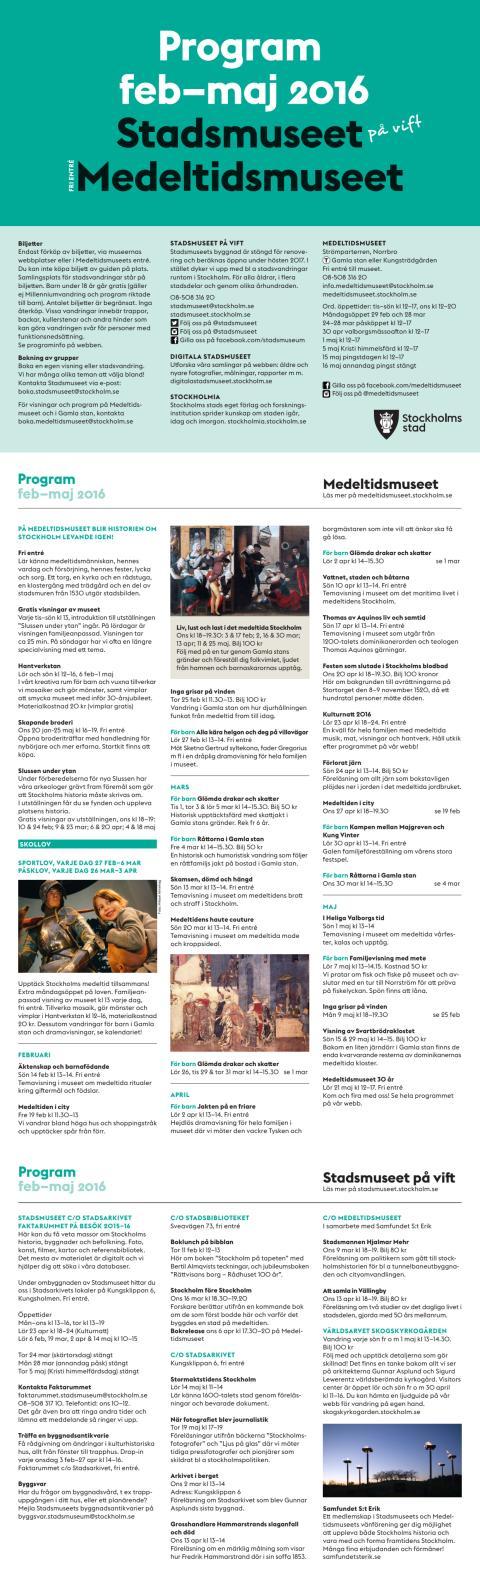 Program Stadsmuseet Medeltidsmuseet februari–maj 2016